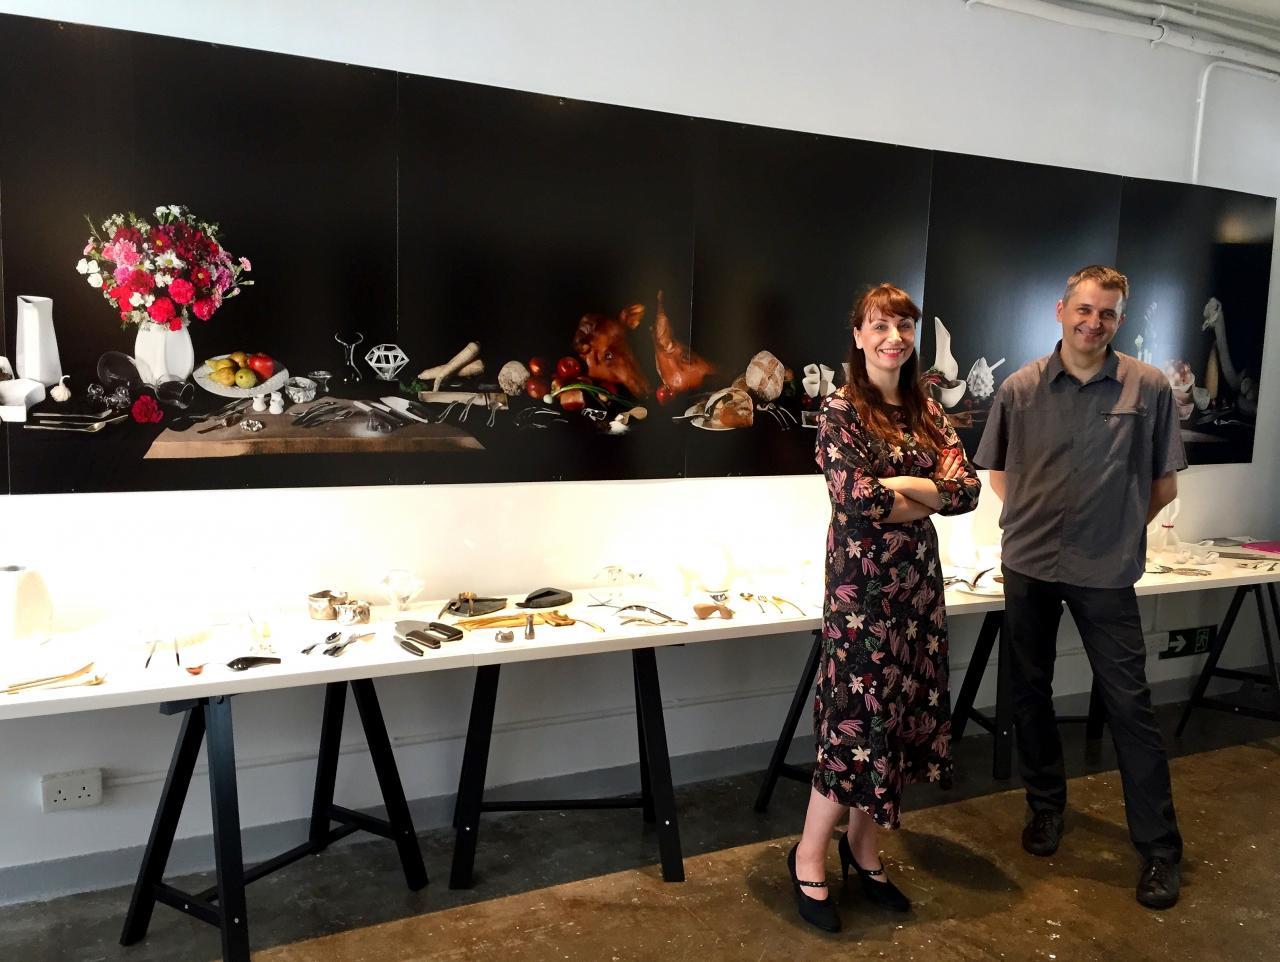 來自Gdansk Academy of Fine Art格但斯克藝術學院的 Prof Slawomir Fijalkowski (右)及Dr Marta Flisykowska(左),於日前為文化節帶來波蘭共20位設計師的50件展品。